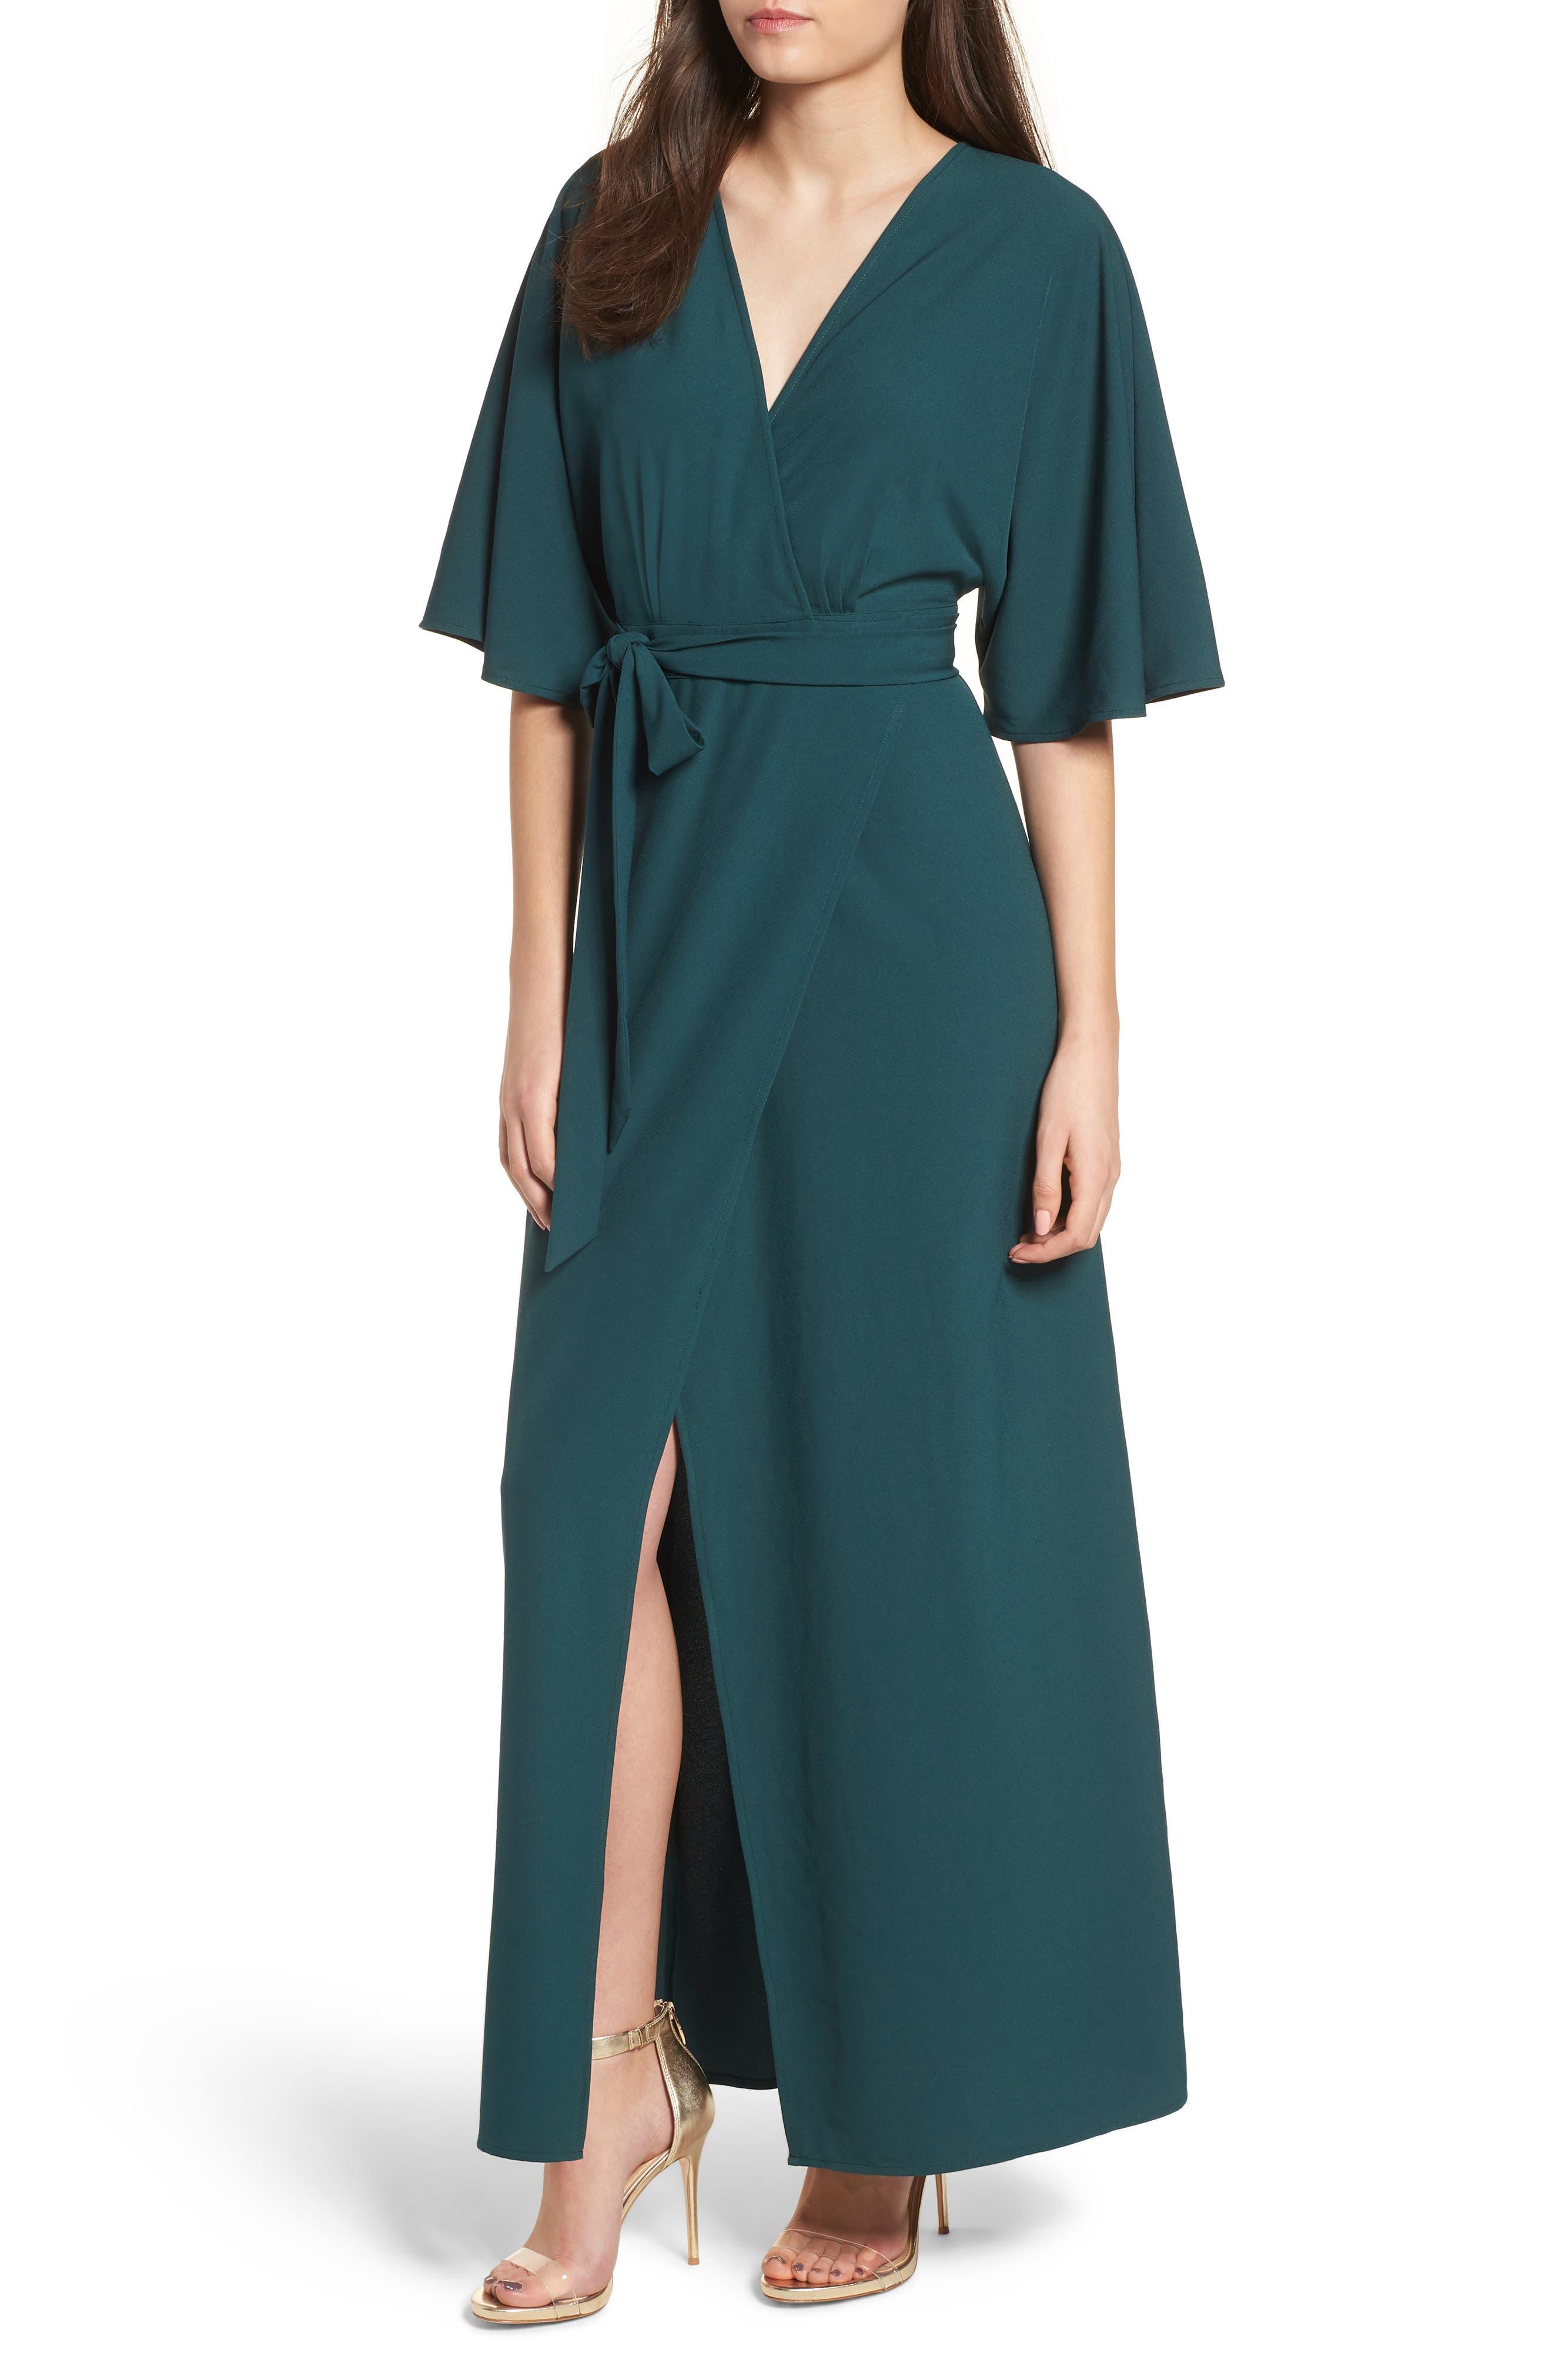 Kimono Maxi Dress,                             Main thumbnail 1, color,                             301